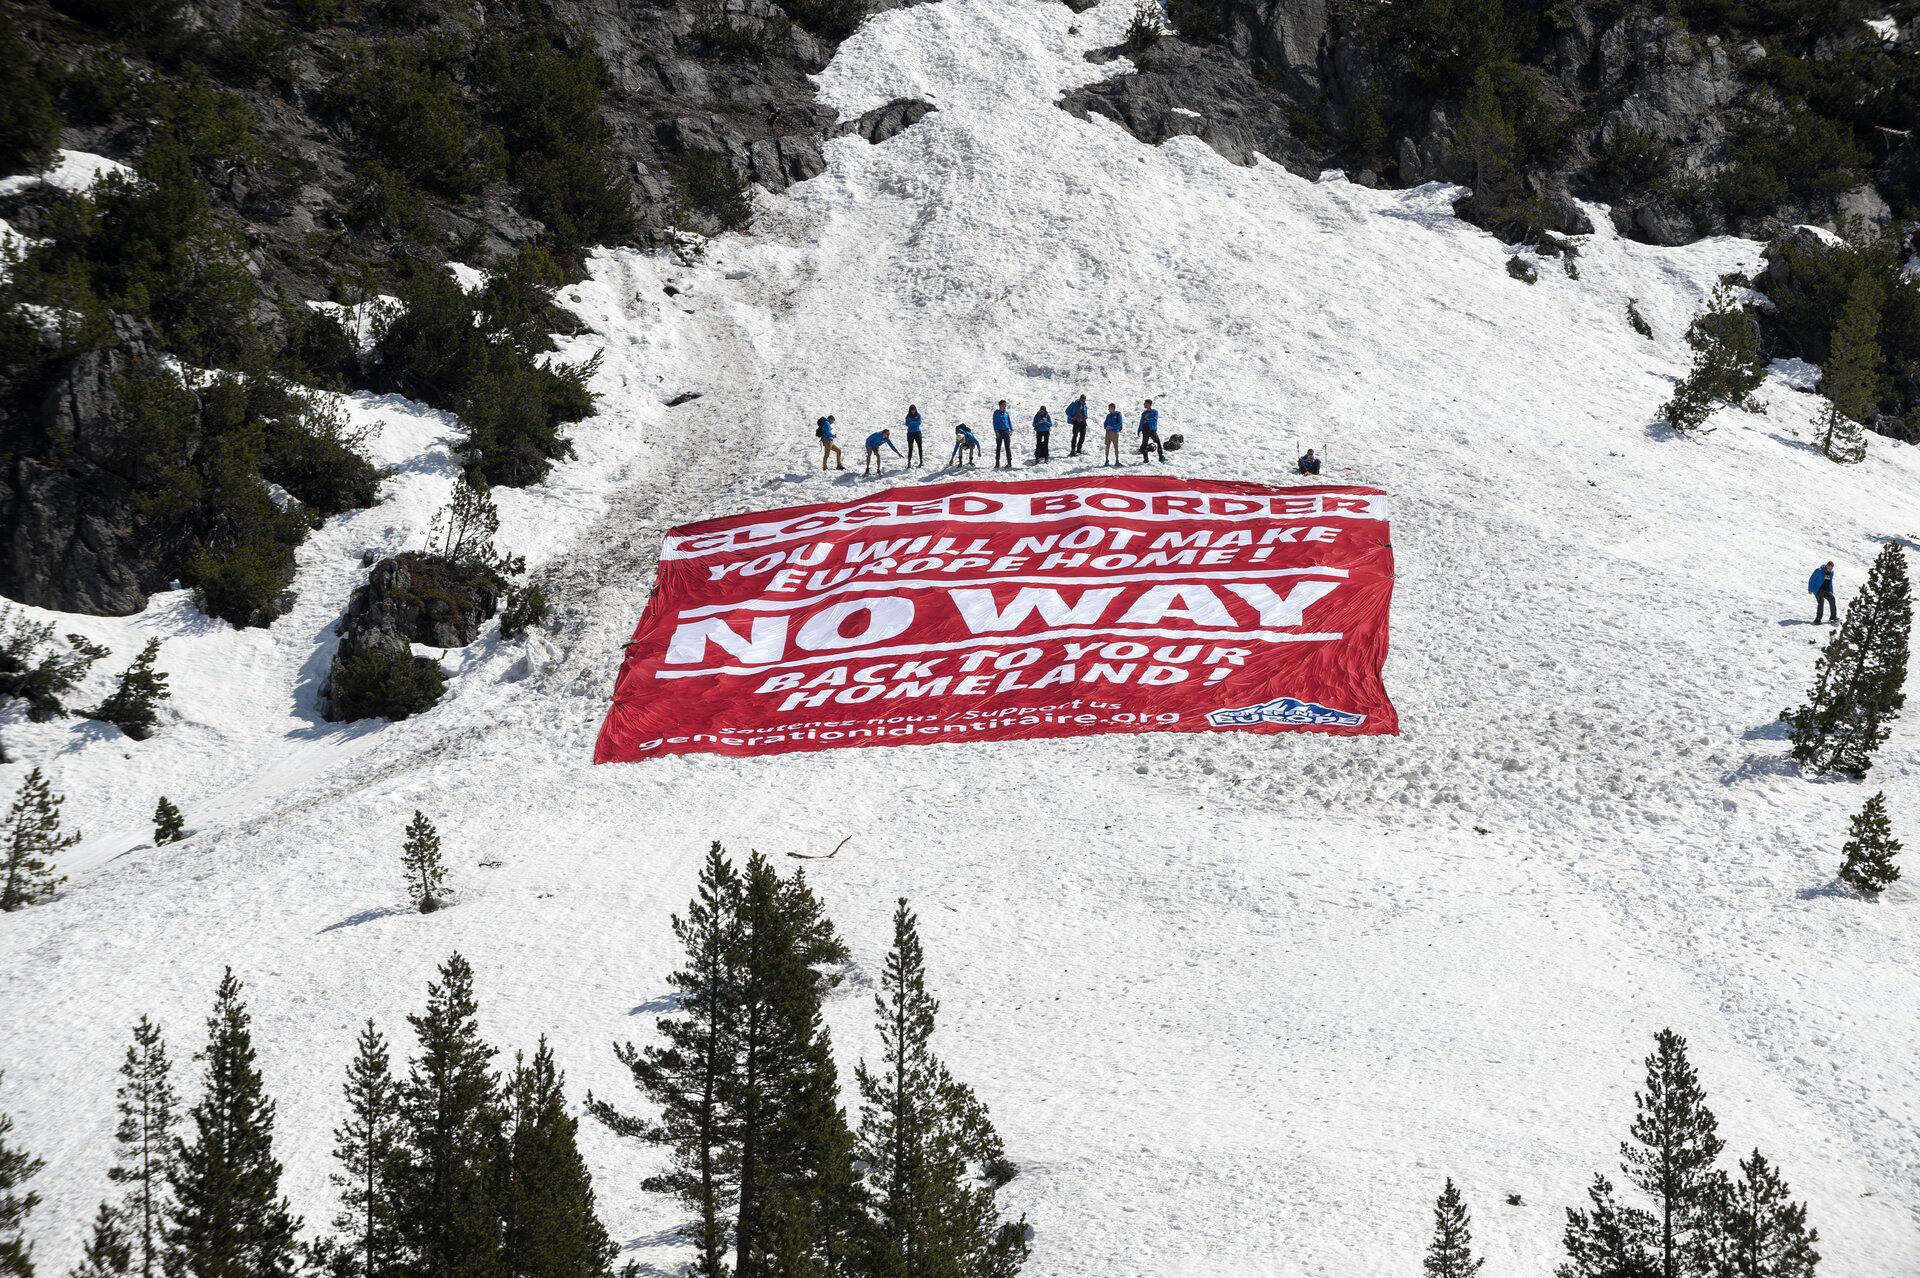 В апреле 2018 года активисты Génération identitaire заблокировали горный перевал на границе с Италией